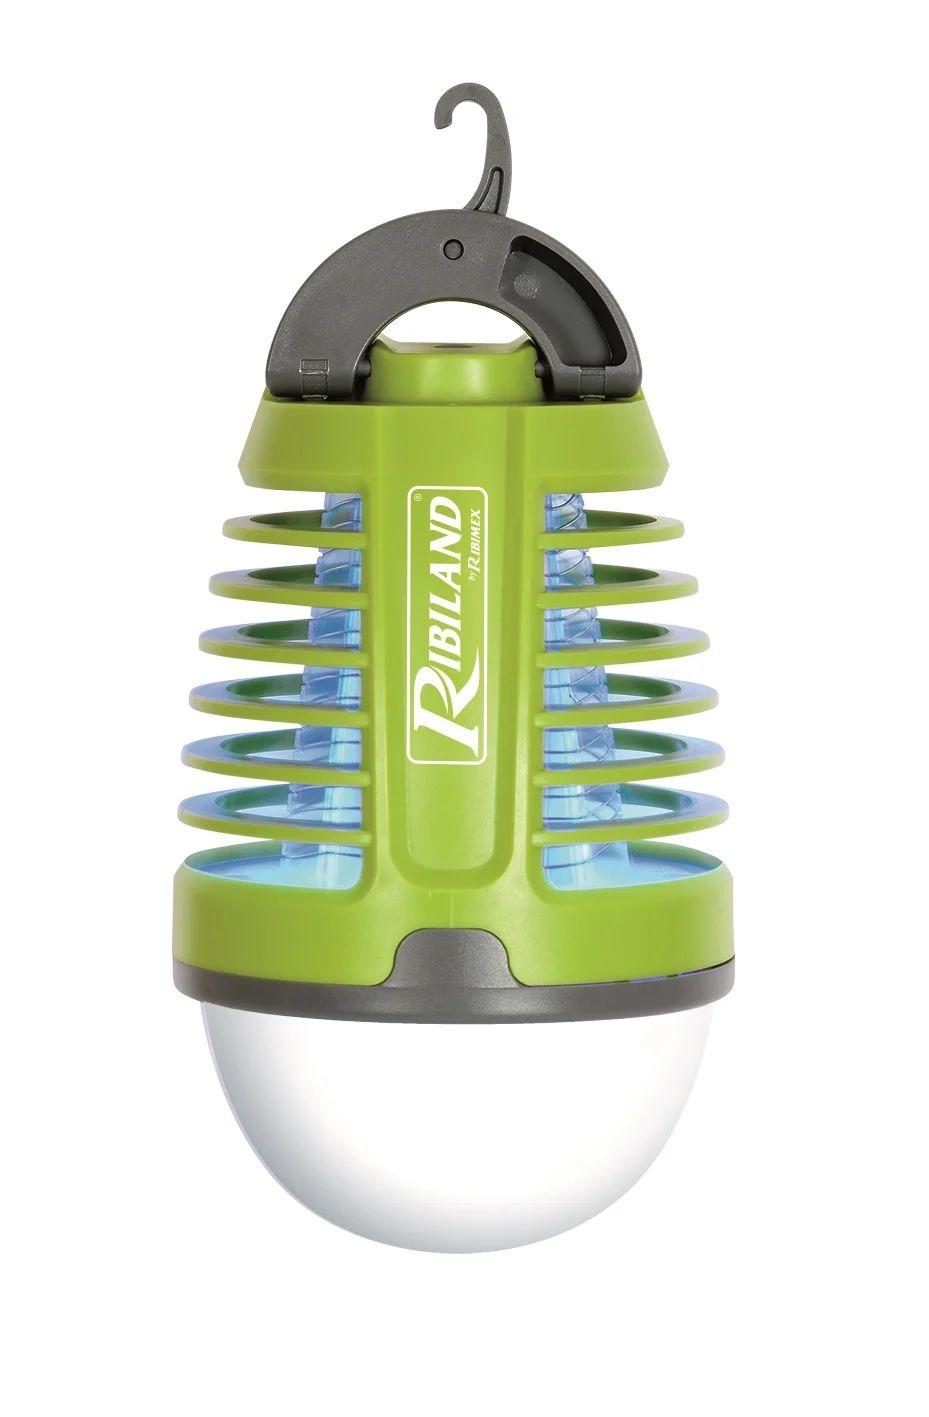 Lampe Anti Moustique 2 En 1 Lucia Ribiland Prplm2en1 Leroy Merlin